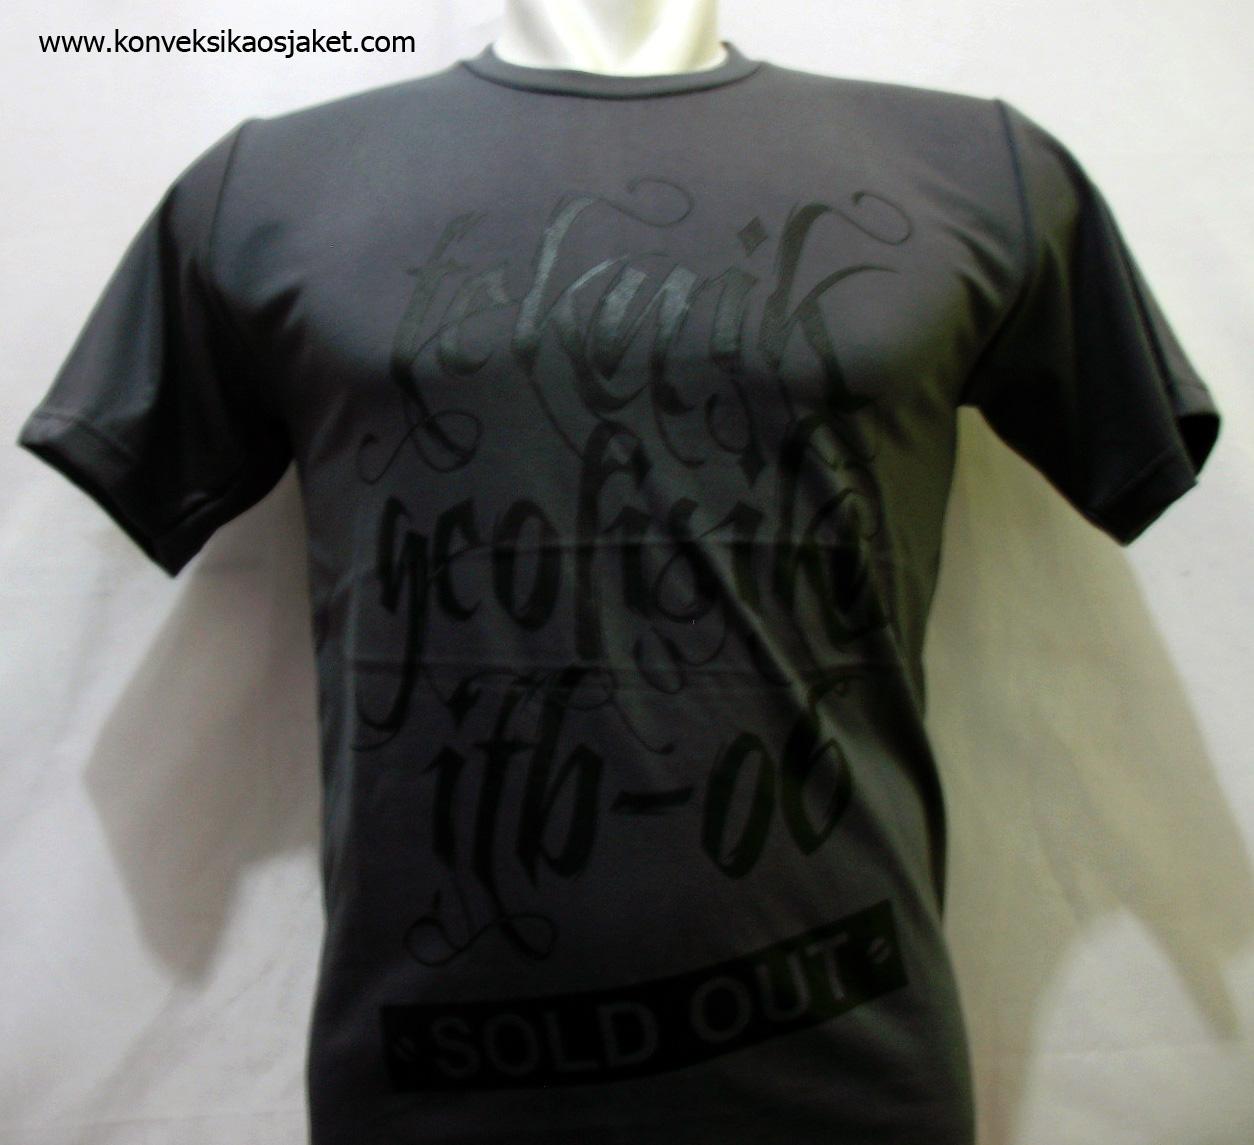 https://i2.wp.com/konveksikaosjaket.com/wp-content/uploads/2013/04/kaos-t-shirt-teknik-geofisika-itb.jpg